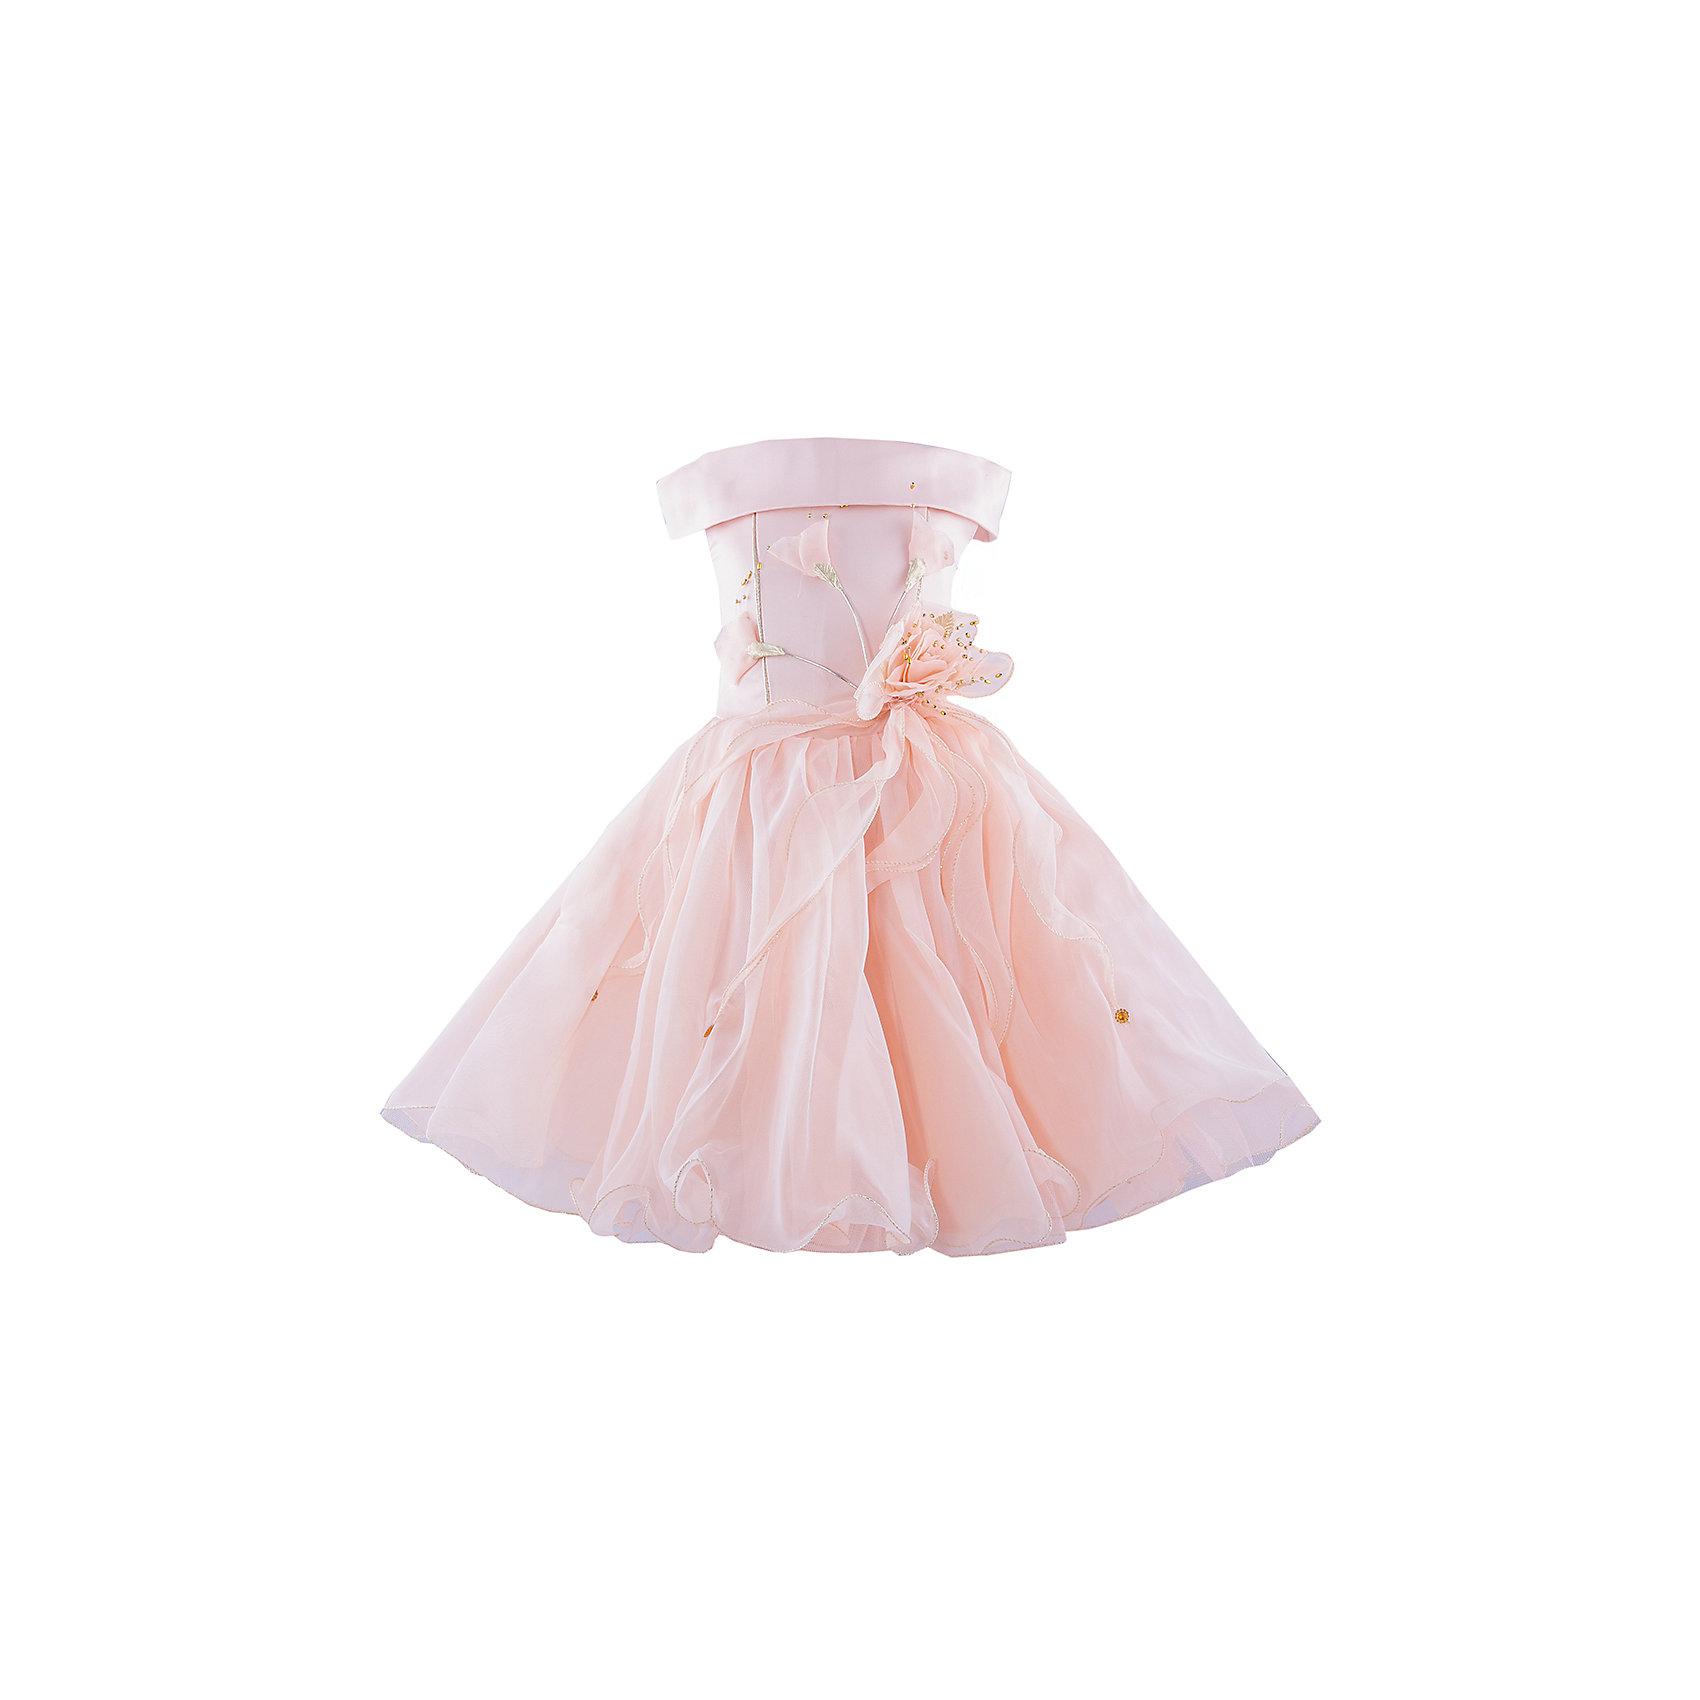 Нарядное платье ШармельНарядное платье для девочки от российской марки Шармель<br><br>Платье как у принцессы - мечта каждой девочки. Данная модель с пышным подолом смотрится очень празднично и воздушно. На любом празднике ребенок в нем будет выглядеть нарядно и торжественно.<br><br>Особенности модели:<br><br>- состав: 100% полиэстер; подкл.: 100% хлопок<br>- материал - с блеском;<br>- цвет - персиковый;<br>- подол - многослойный, пышный, с полужестким каркасом из сетки;<br>- без рукавов;<br>- можно утянуть лиф шнуровкой;<br>- сзади застежка-молния;<br>- резинка на прорезях для рукавов;<br>- лиф жесткий, украшен цветами из органзы с золотистой фурнитурой.<br><br>Дополнительная информация:<br><br>Габариты:<br><br>длина по спинке - 71 см.<br><br>* соответствует размеру 104/116<br><br>Нарядное платье для девочки от российской марки Шармель можно купить в нашем магазине.<br><br>Ширина мм: 236<br>Глубина мм: 16<br>Высота мм: 184<br>Вес г: 177<br>Цвет: бежевый<br>Возраст от месяцев: 24<br>Возраст до месяцев: 36<br>Пол: Женский<br>Возраст: Детский<br>Размер: 92/98,104/116<br>SKU: 4243370